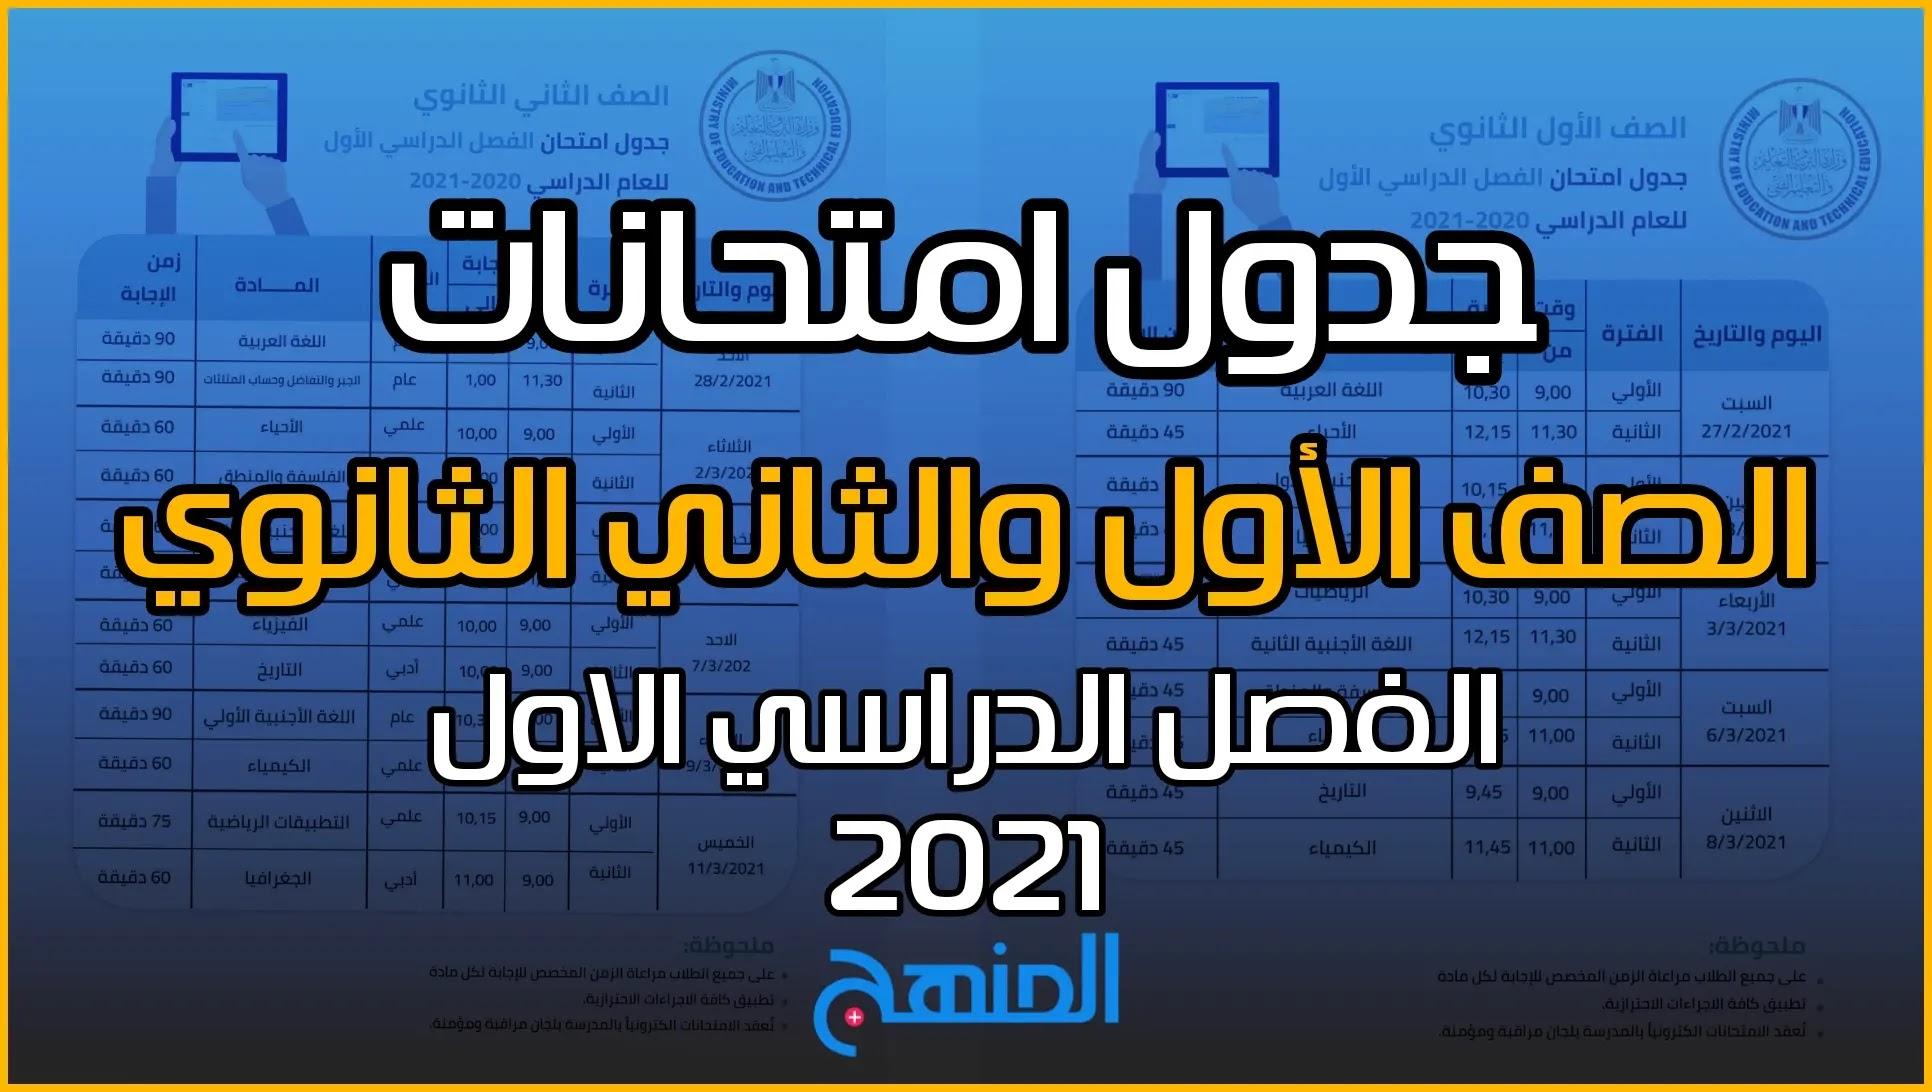 جدول امتحانات الصف الاول والثاني الثانوي الفصل الدراسي الاول 2021